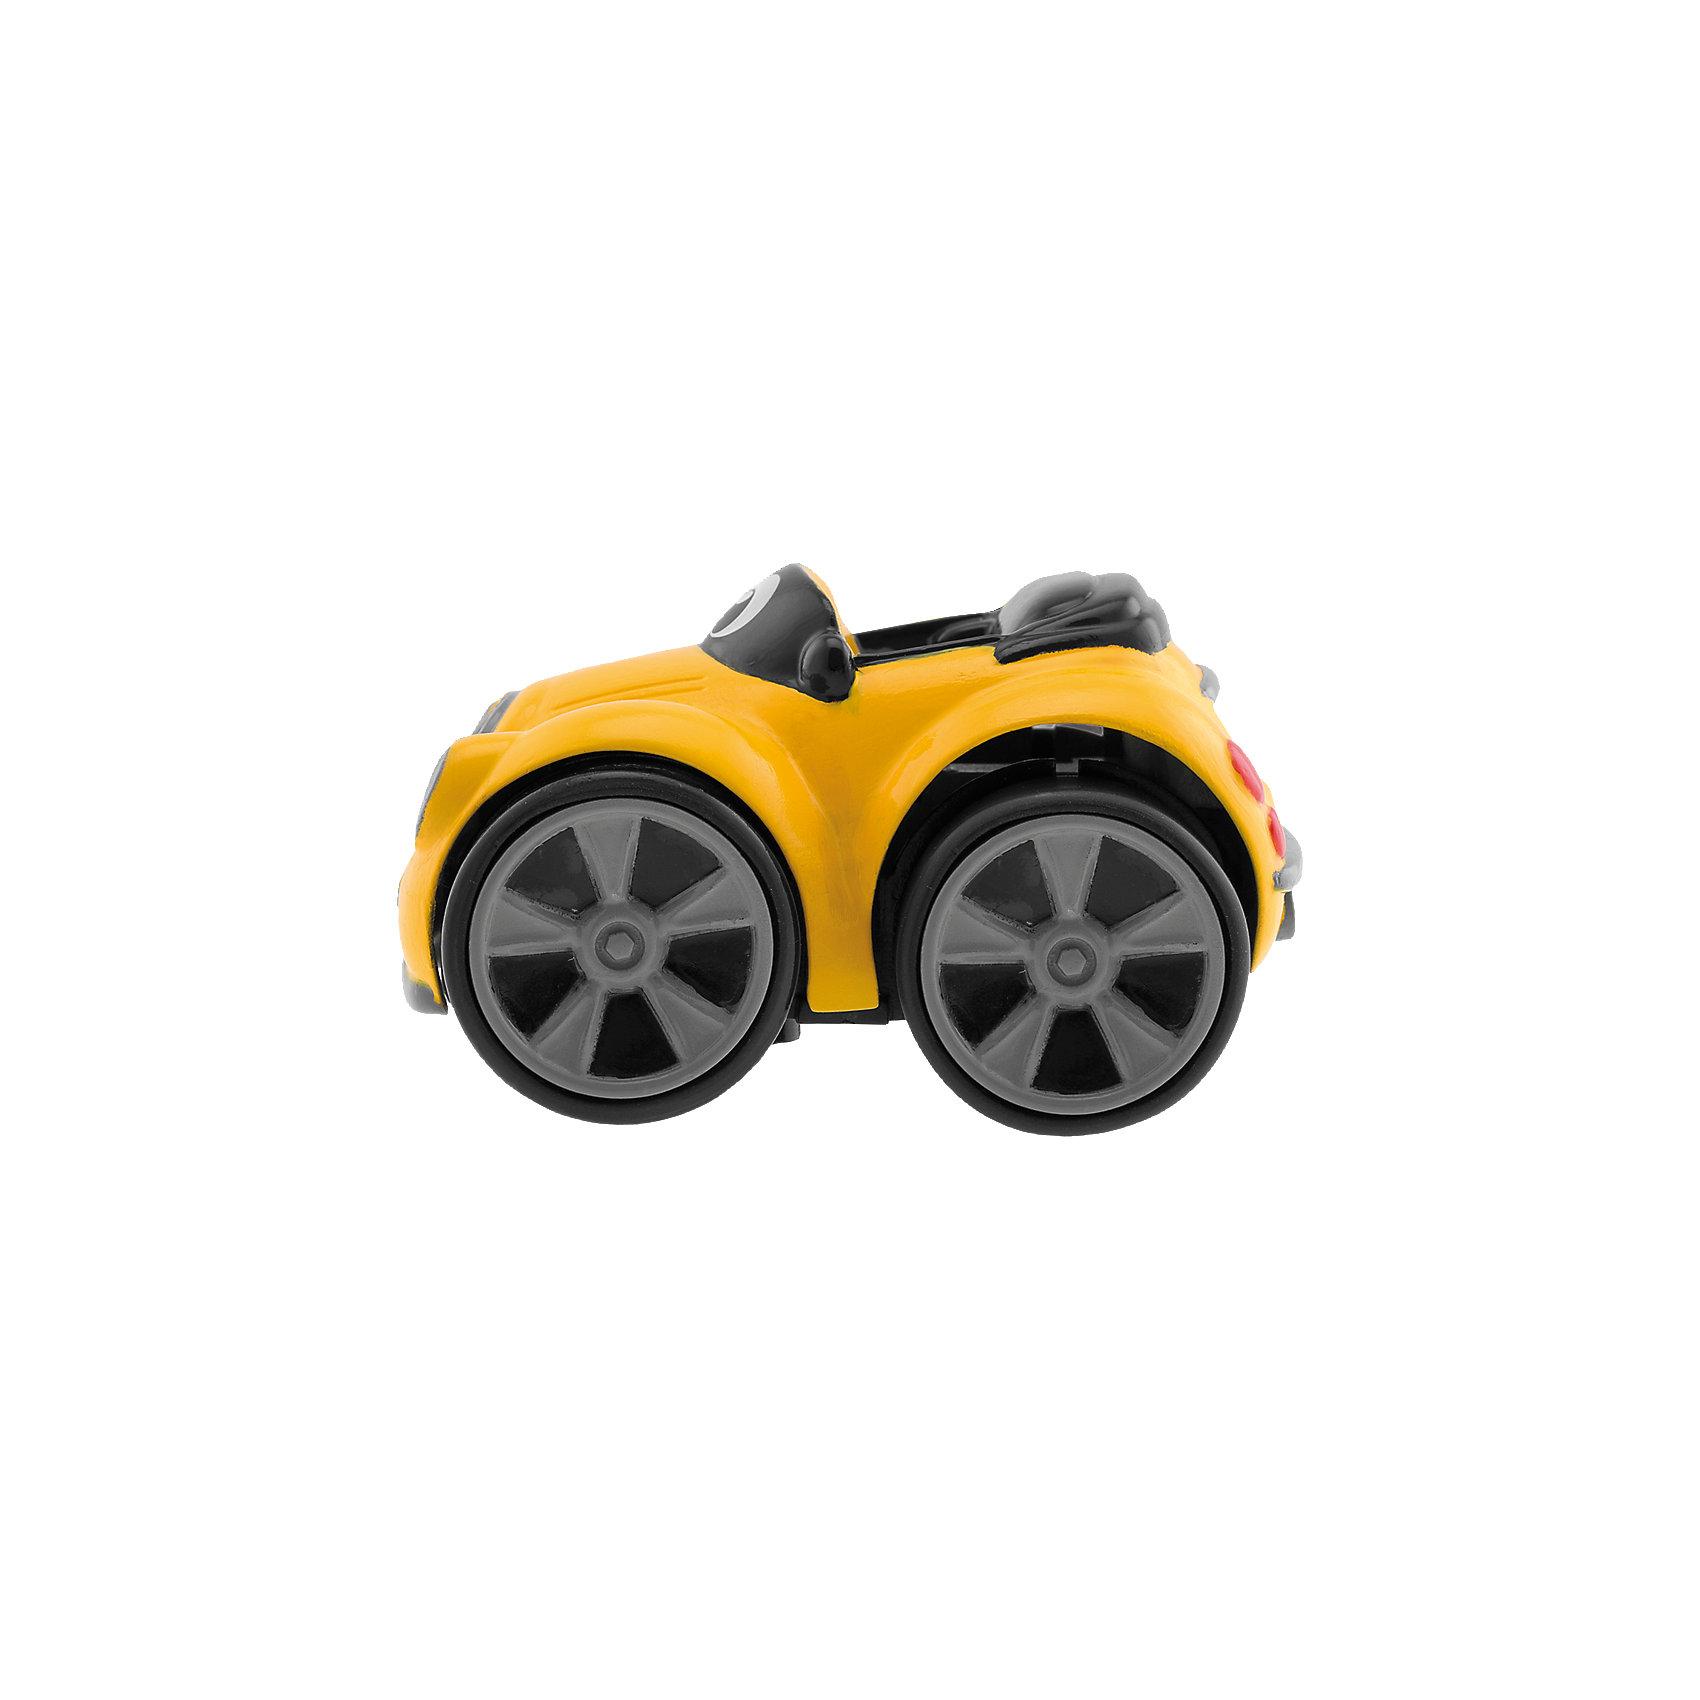 Мини-машинка Turbo Touch Henry Stunt, желтая, ChiccoМини-машинка Turbo Touch Henry Stunt, желтая, Chicco (Чикко) – это трюковая машинка с характером.<br>Мини-машинка Turbo Touch Henry Stunt от Chicco (Чикко) с забавным лицом может выполнять различные трюки. Чтобы машинка поехала, оттяните машинку назад и нажмите на нее сверху. Машинка выполняет 3 безумных трюка. Вилли - езда на задних колесах. Эффект ручного тормоза: машинка поворачивает, как будто дернули ручной тормоз. Езда на 2 колесах: машинка едет на 2 боковых колесах. Эта интересная игрушка обязательно вызовет восторг и бурю эмоций у вашего маленького гонщика. Можно играть с машинками по отдельности или собрать целую коллекцию, и устраивать шоу автогонщиков у себя дома. Играя с машинкой, малыш развивает внимание, координацию движений, воображение.<br><br>Дополнительная информация:<br><br>- Материал: высококачественный пластик<br>- Цвет: желтый<br>- Размер упаковки: 12,2 x 8,3 x 18,2 см.<br><br>Мини-машинку Turbo Touch Henry Stunt, желтую, Chicco (Чикко) можно купить в нашем интернет-магазине.<br><br>Ширина мм: 180<br>Глубина мм: 126<br>Высота мм: 83<br>Вес г: 105<br>Возраст от месяцев: 24<br>Возраст до месяцев: 60<br>Пол: Унисекс<br>Возраст: Детский<br>SKU: 3943203